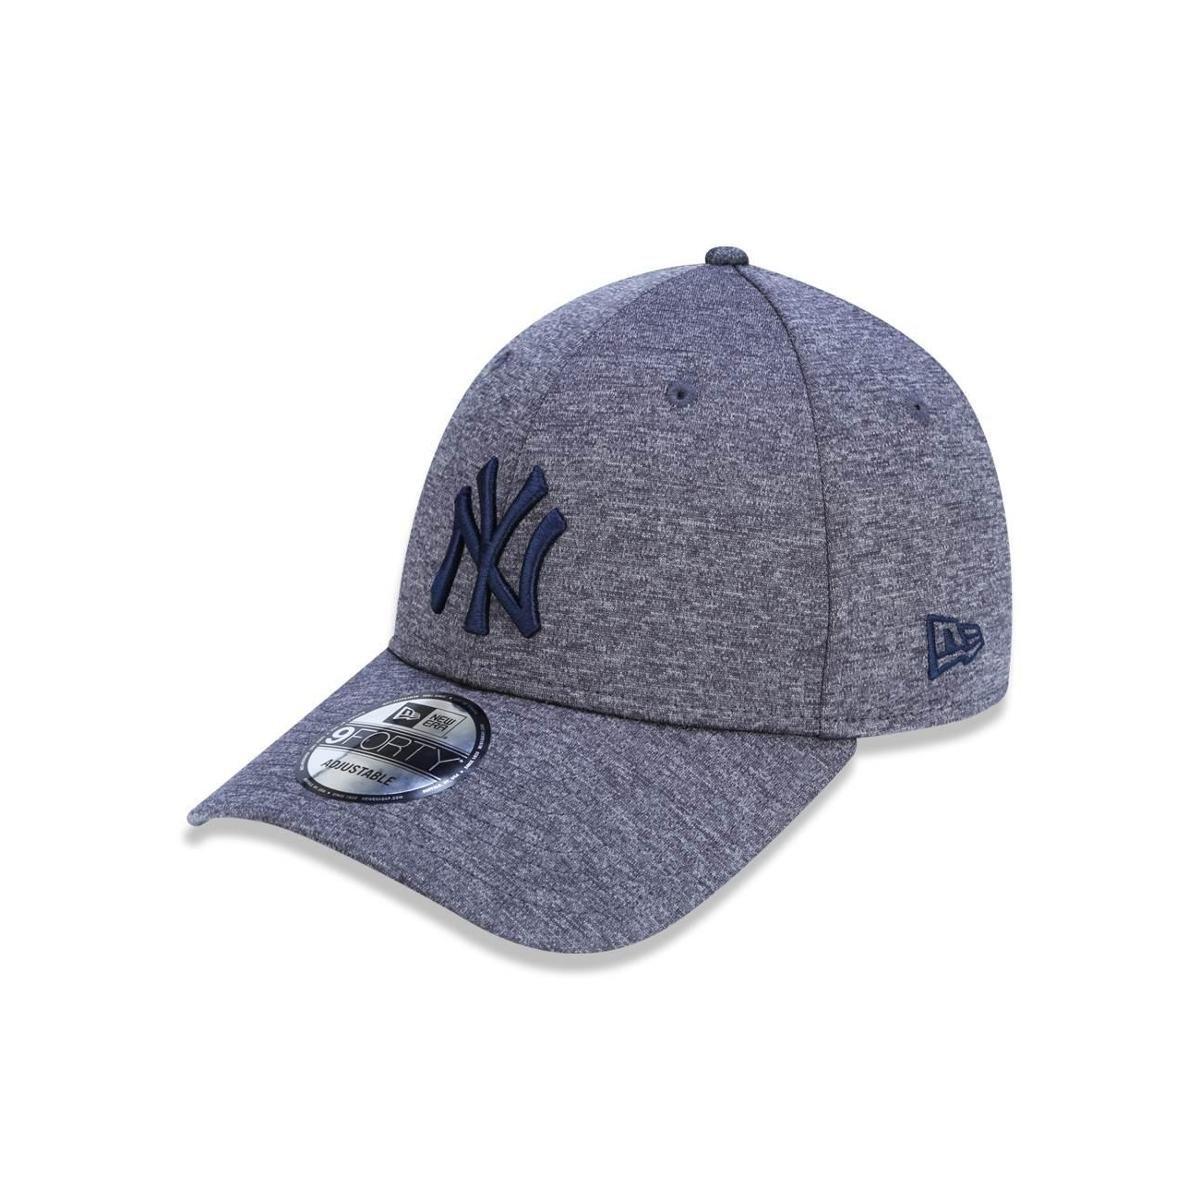 406a61af9eff9 Boné 940 New York Yankees MLB New Era - Compre Agora